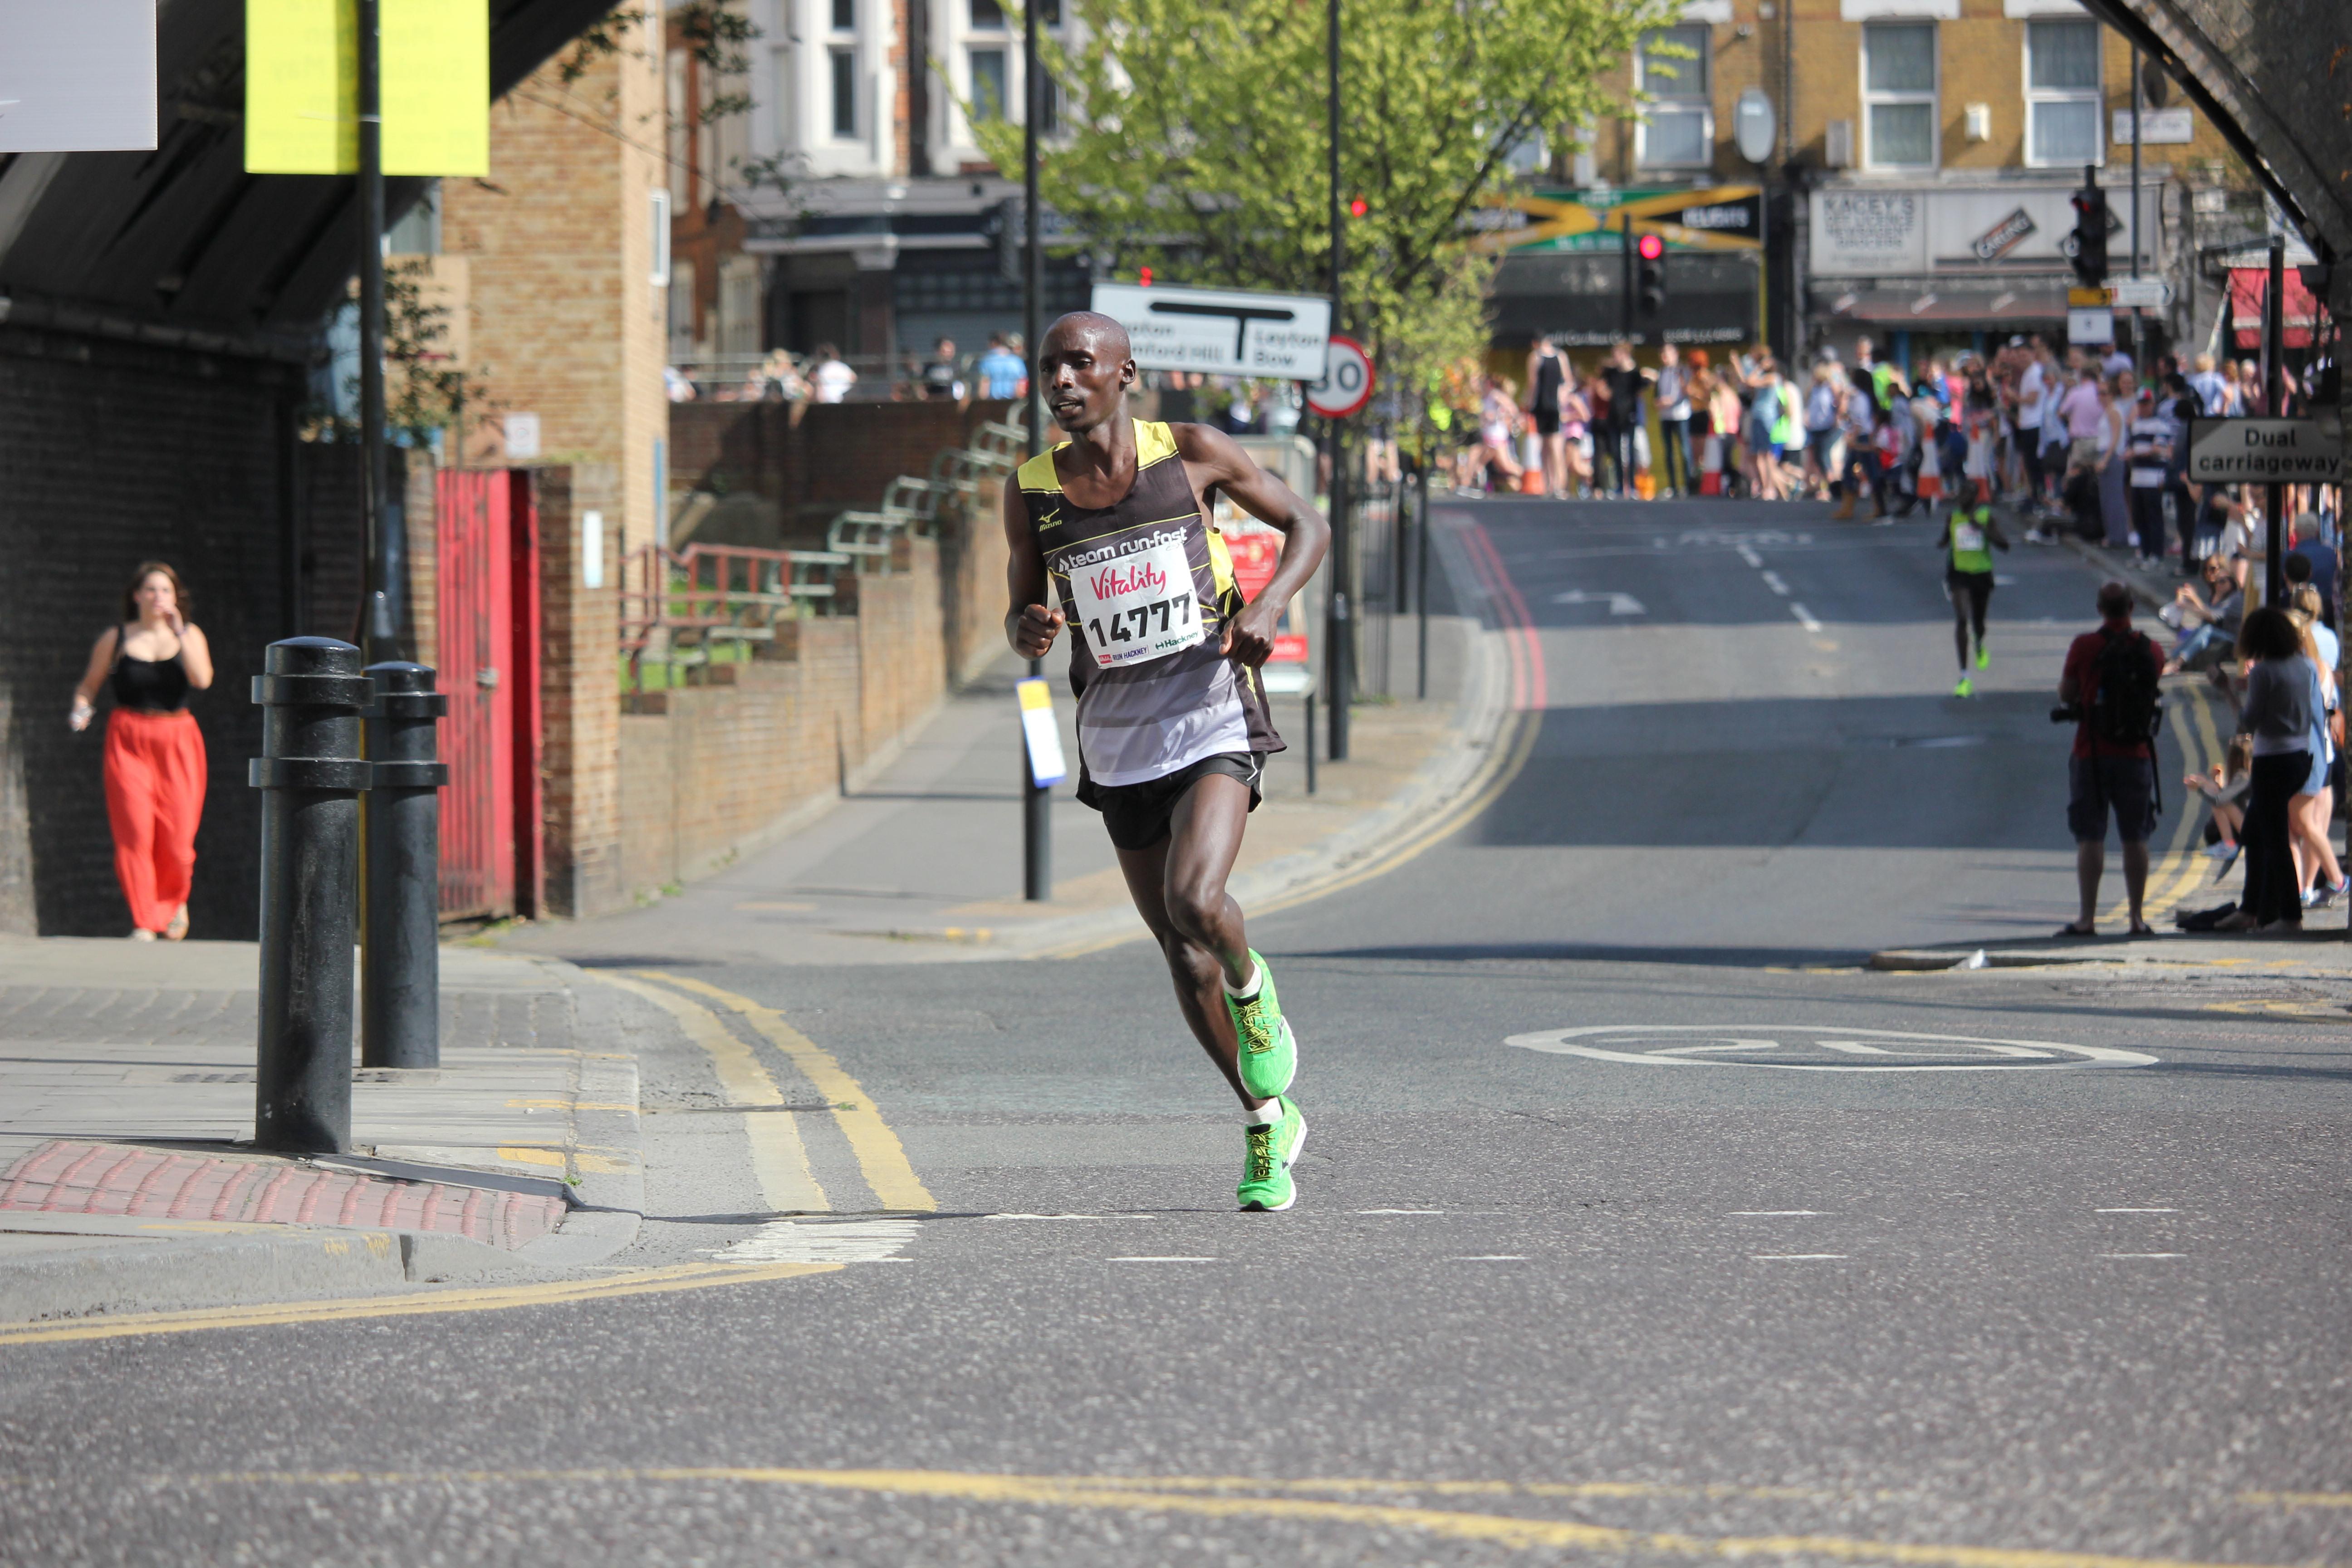 Mark Kibiwott leads the men's race in Hackney